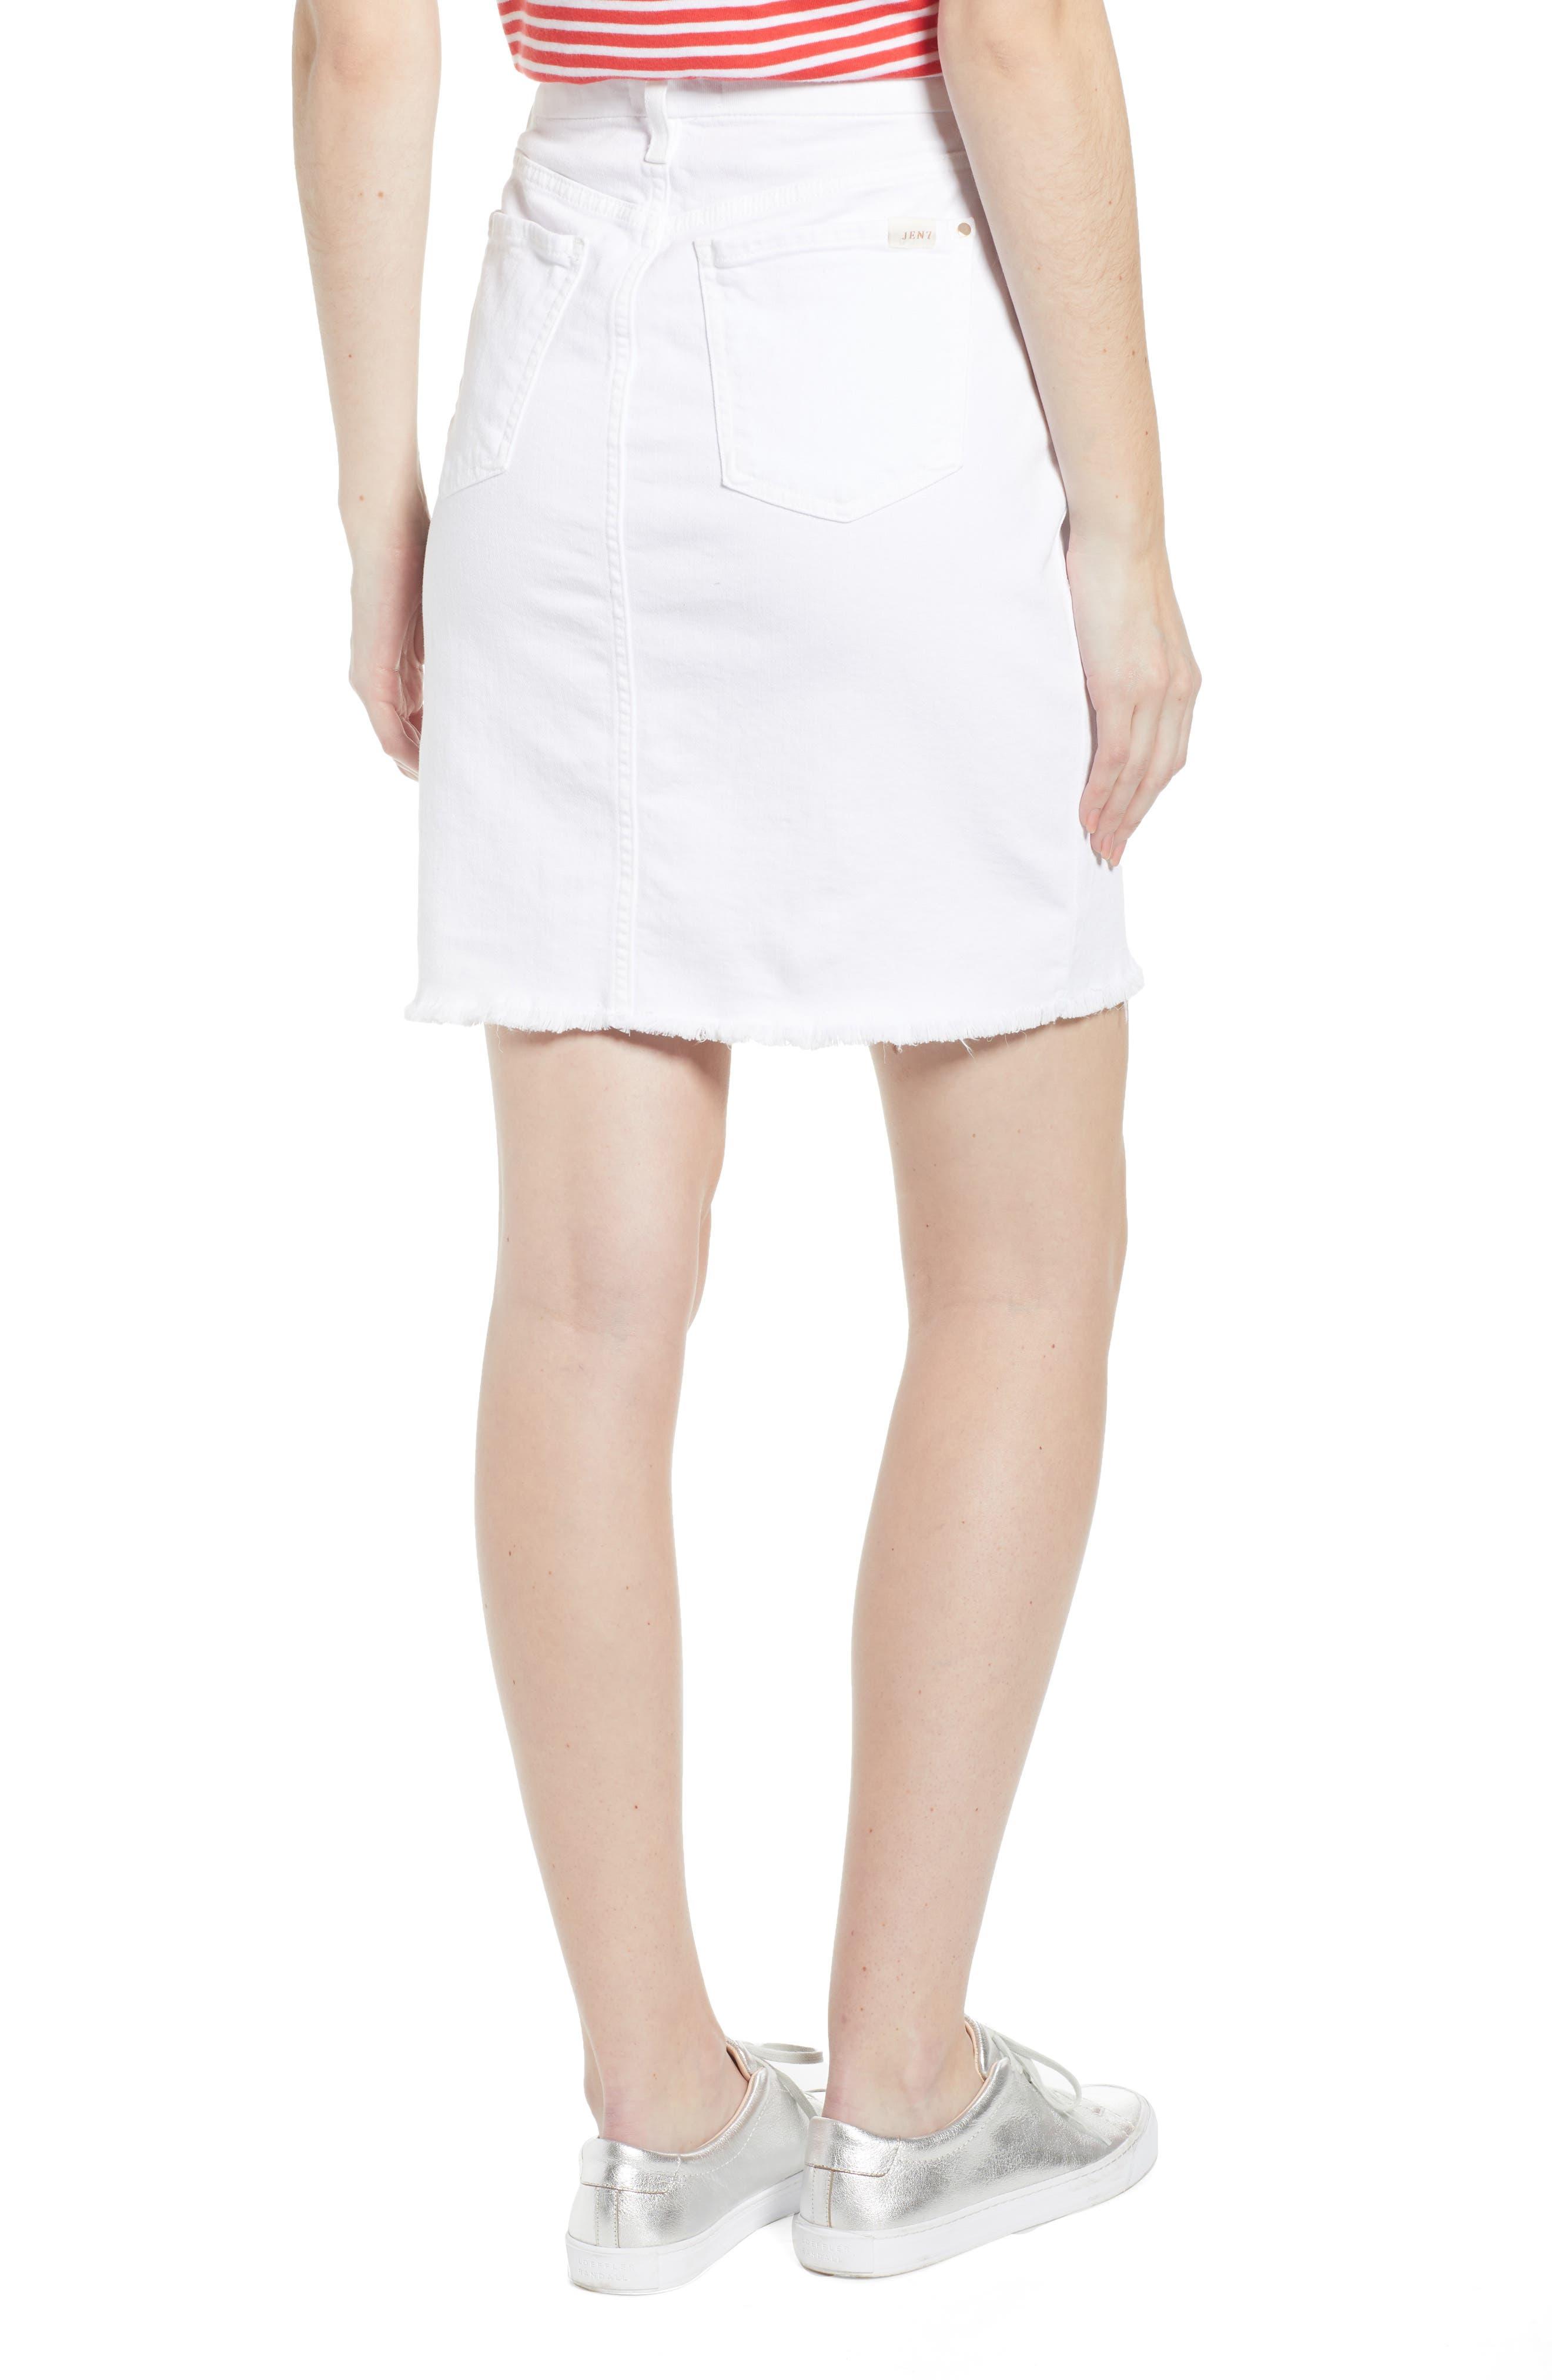 JEN7 BY 7 FOR ALL MANKIND, Frayed Hem Denim Pencil Skirt, Alternate thumbnail 2, color, WHITE